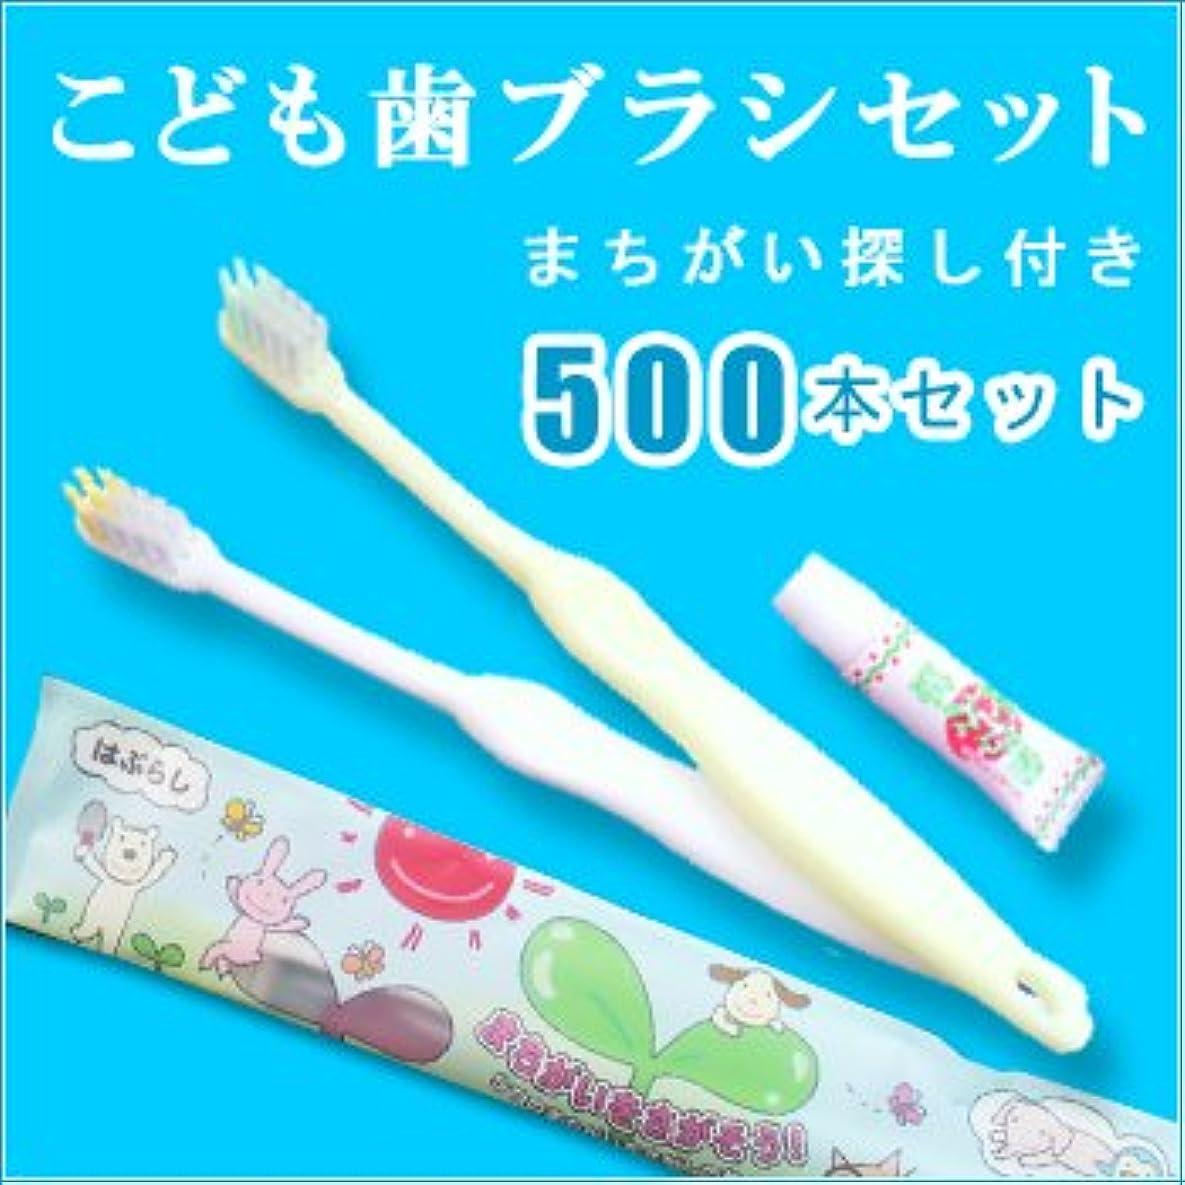 船員牛肉水族館こども用歯ブラシ いちご味の歯磨き粉 3gチューブ付 ホワイト?イエロー2色アソート(1セット500本)1本当たり34円